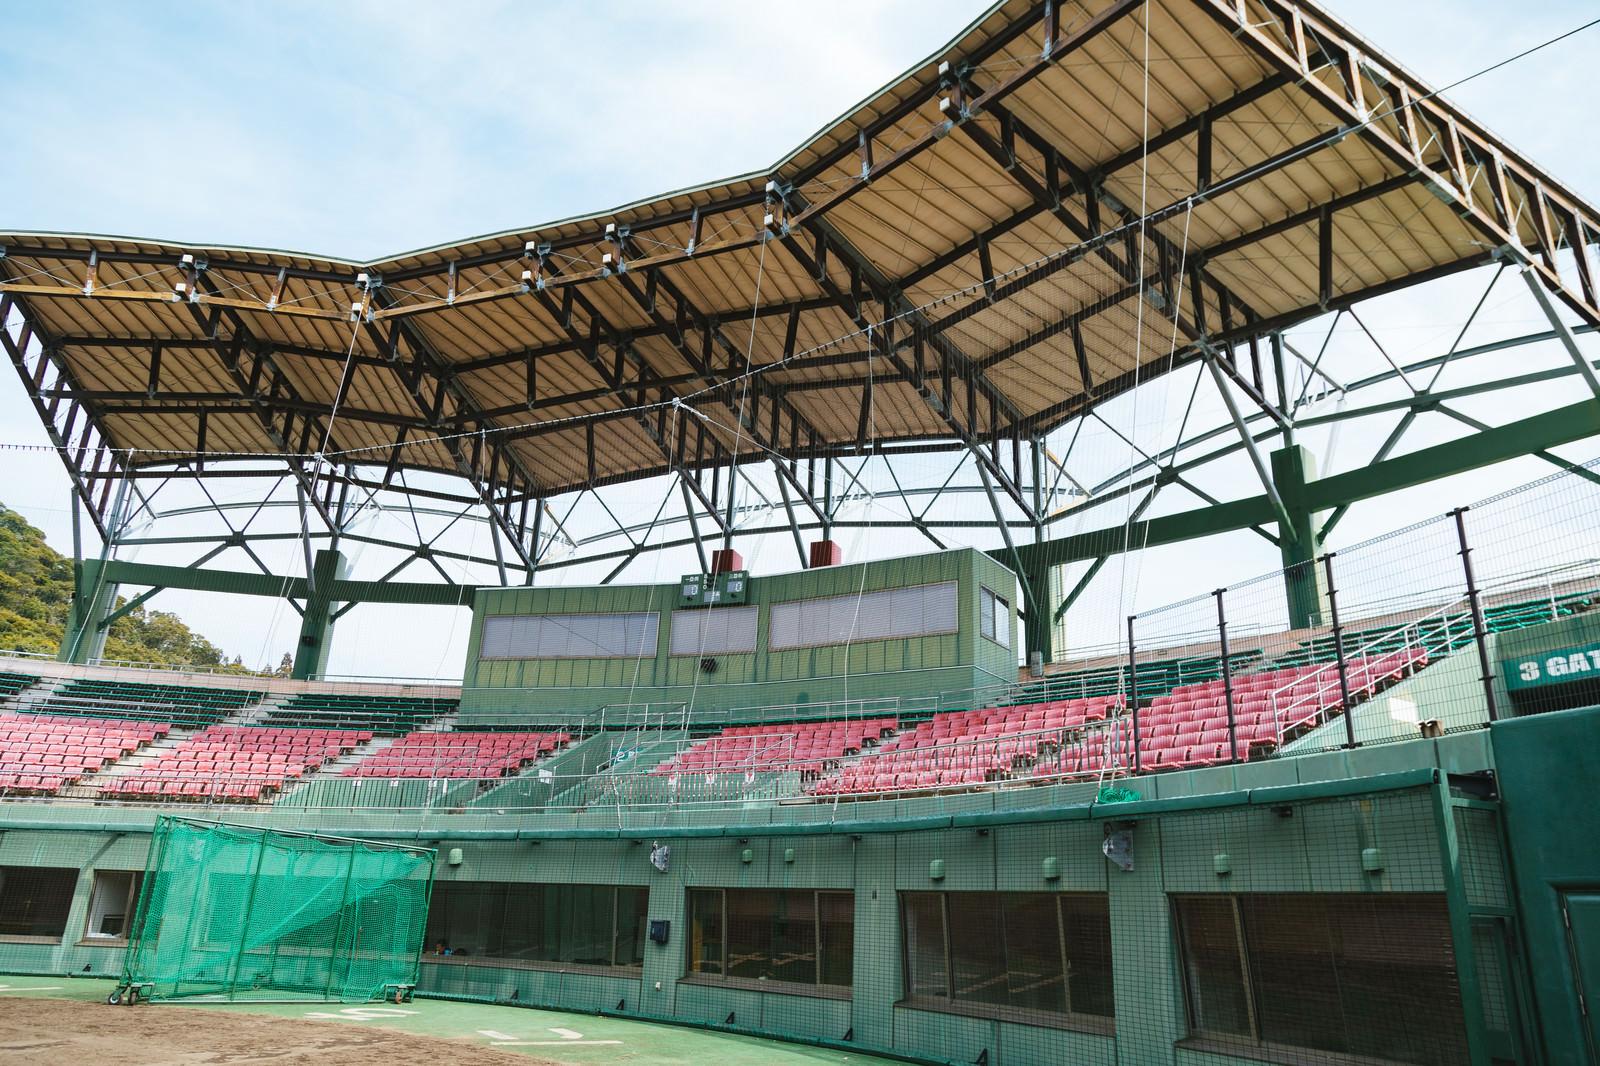 「天福球場の内野ネット裏」の写真